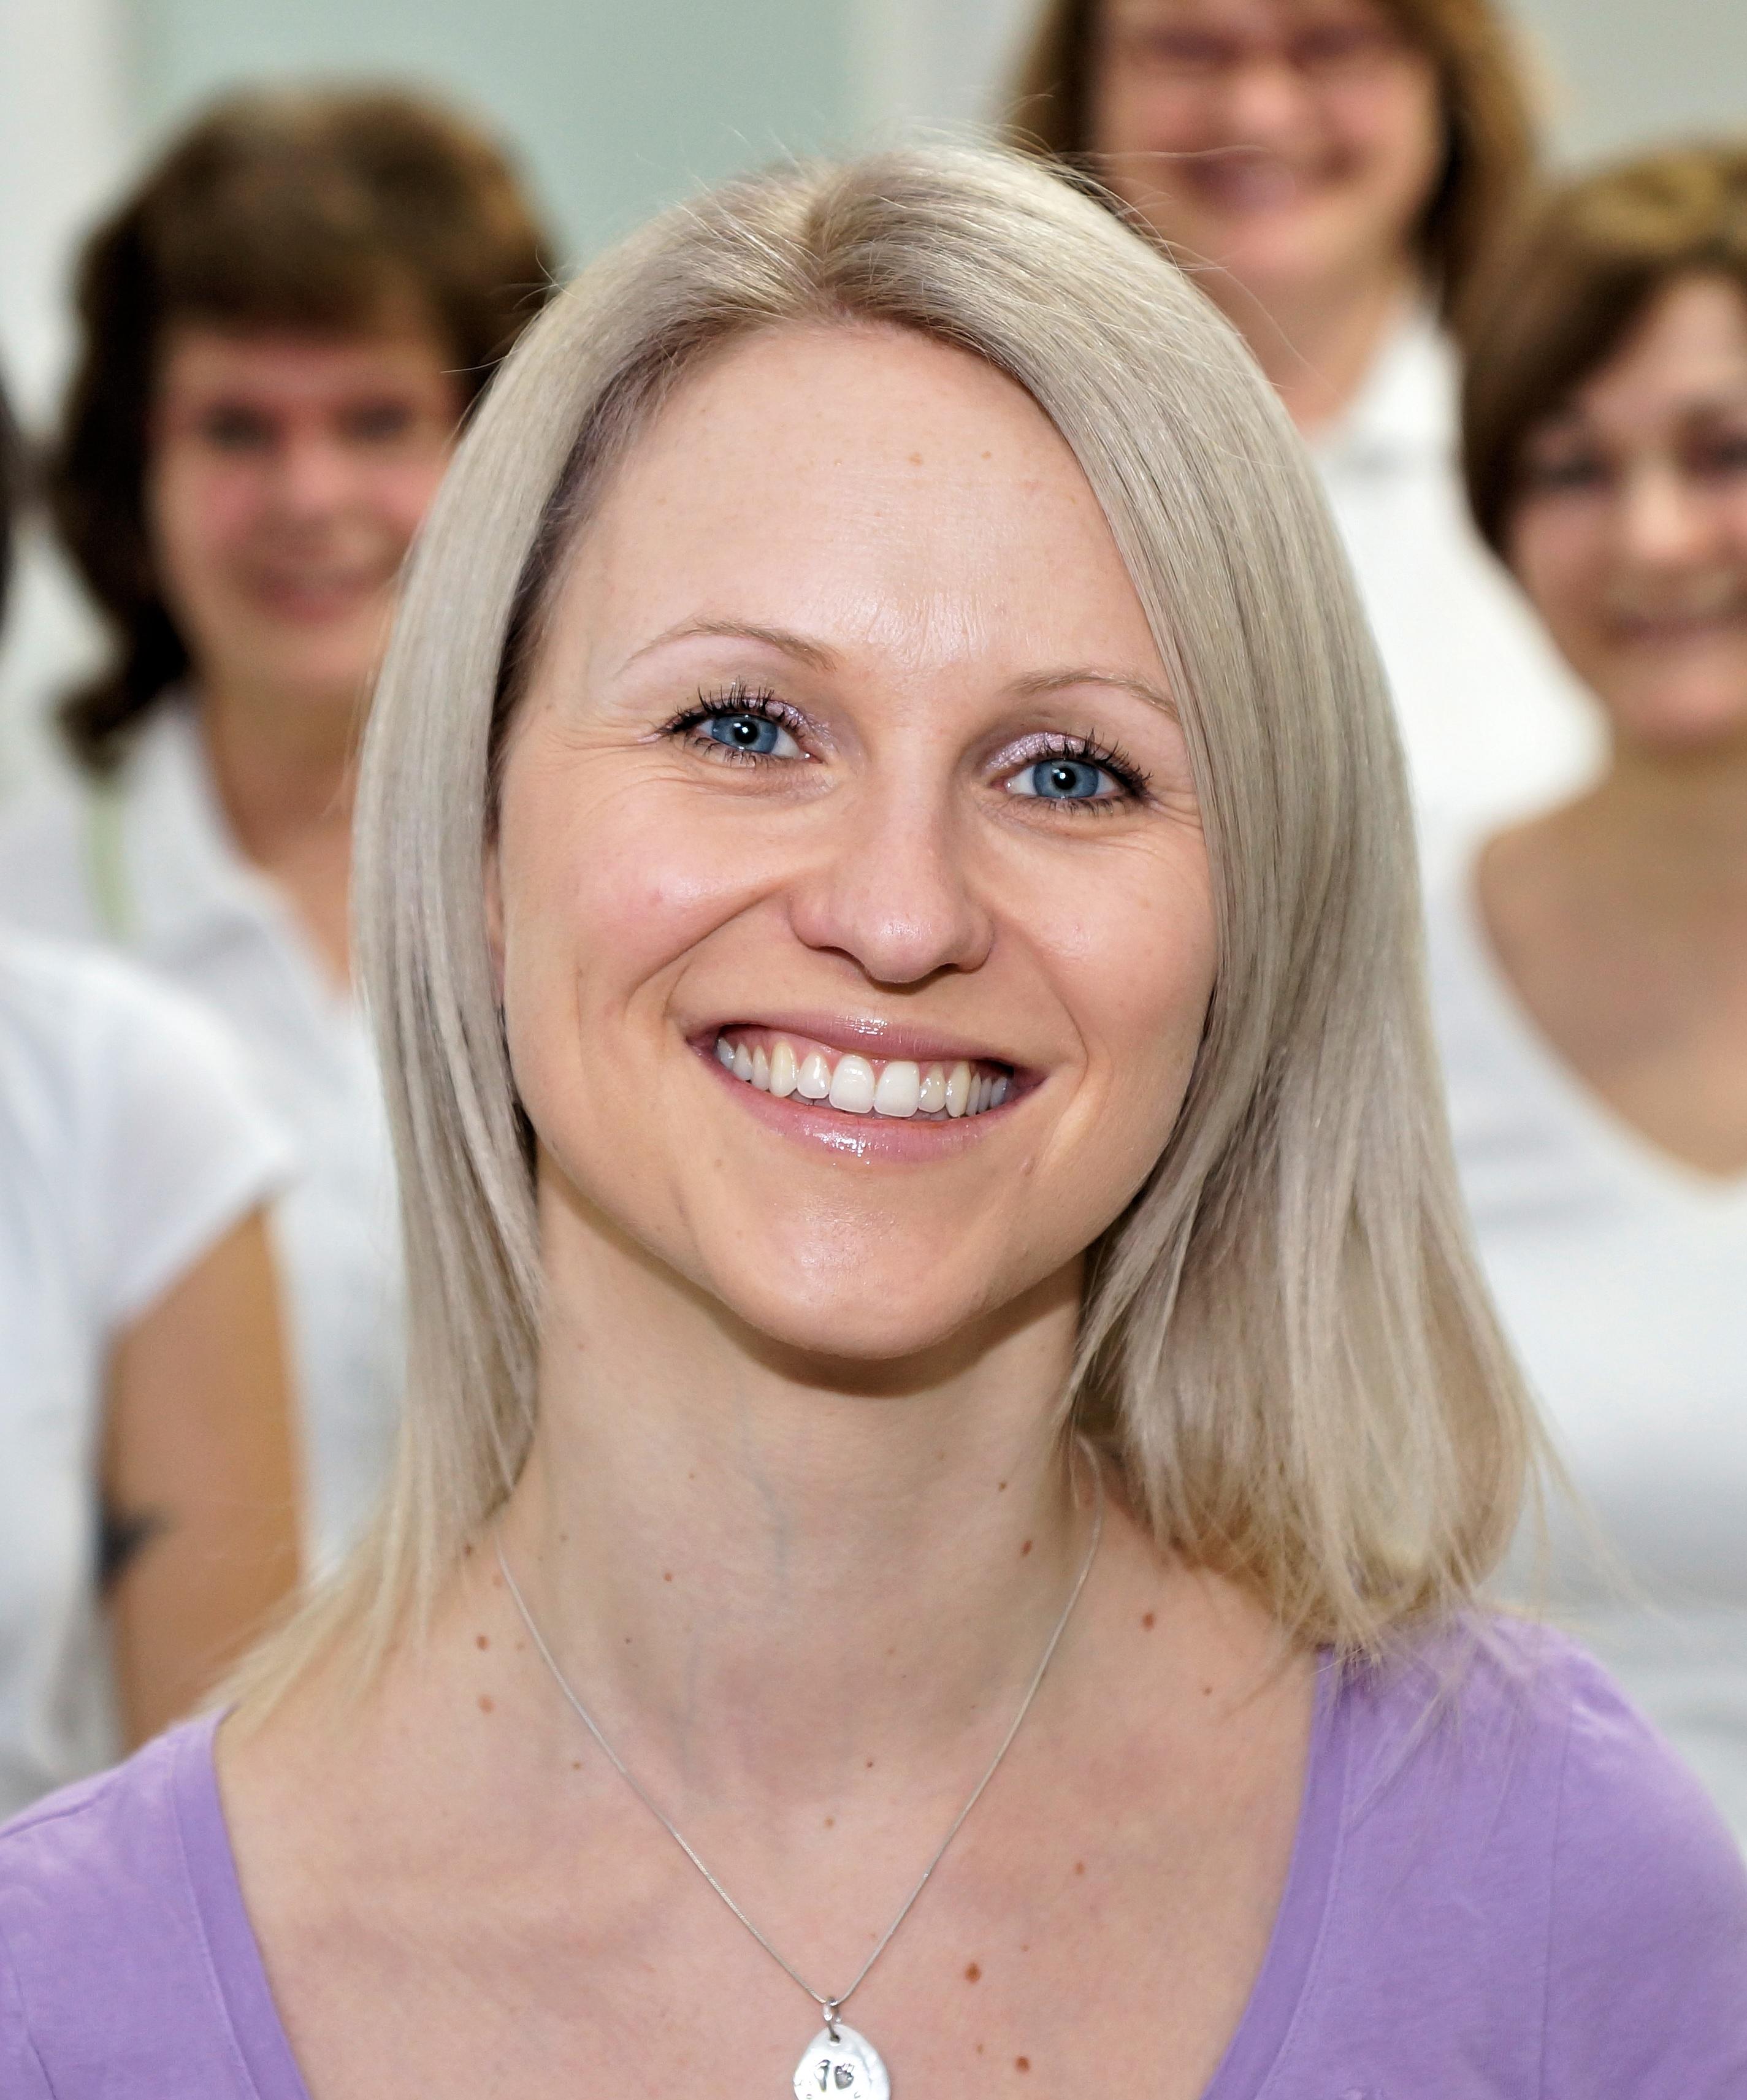 Alexandra Uhlemann